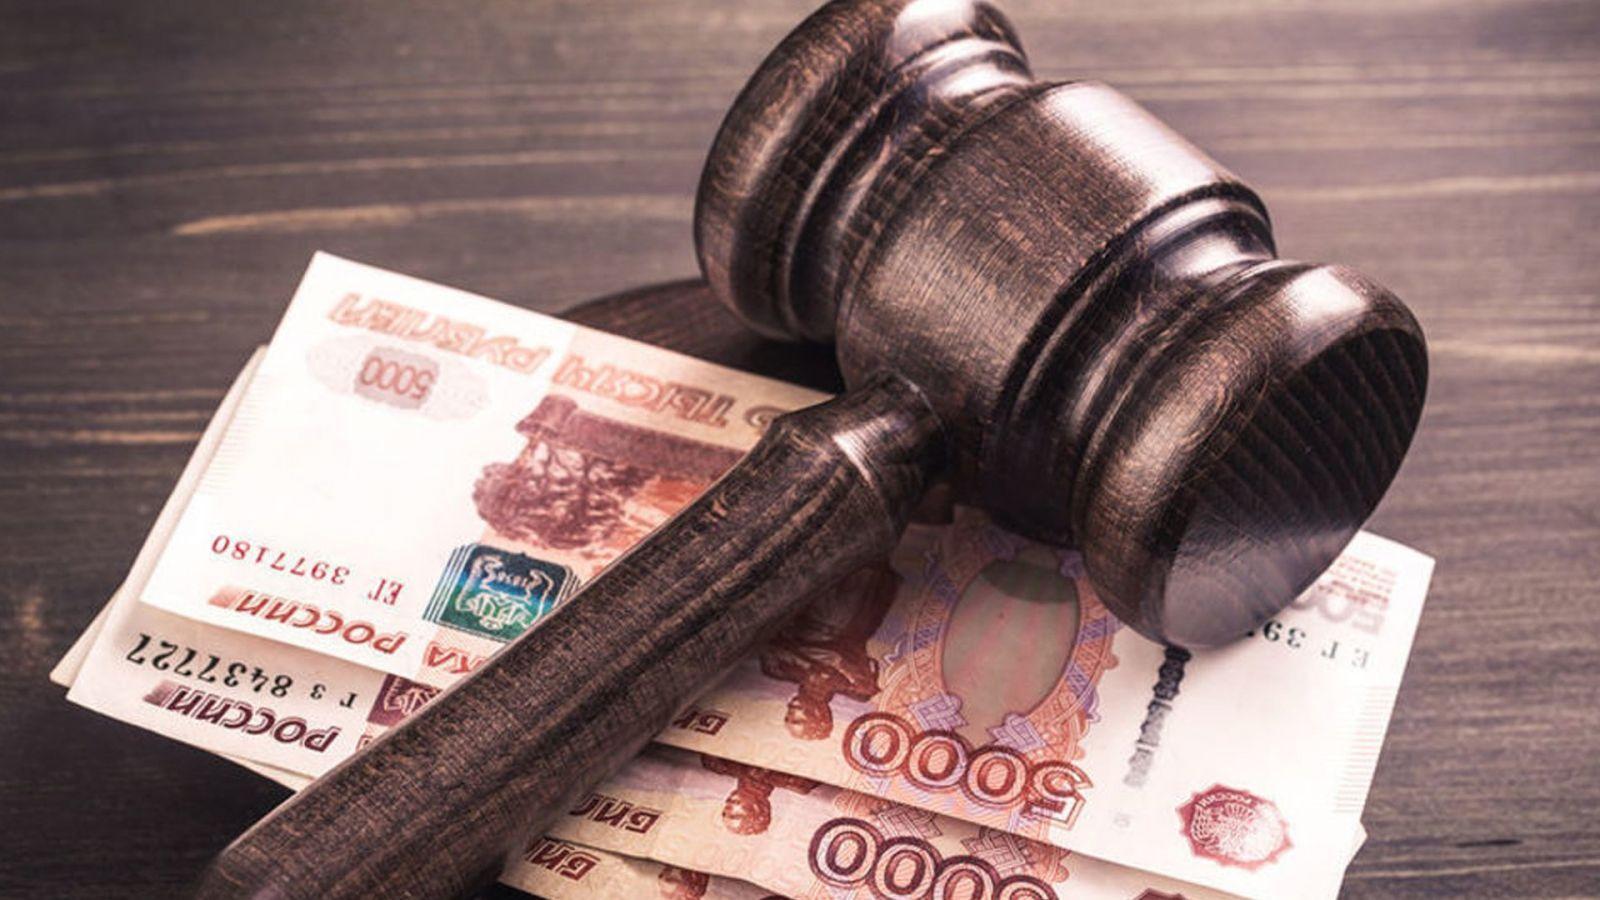 Россия собирается оштрафовать Google за нарушение закона о рекламе (1570693439 0481684713bd96a7e5685aae145b0220)